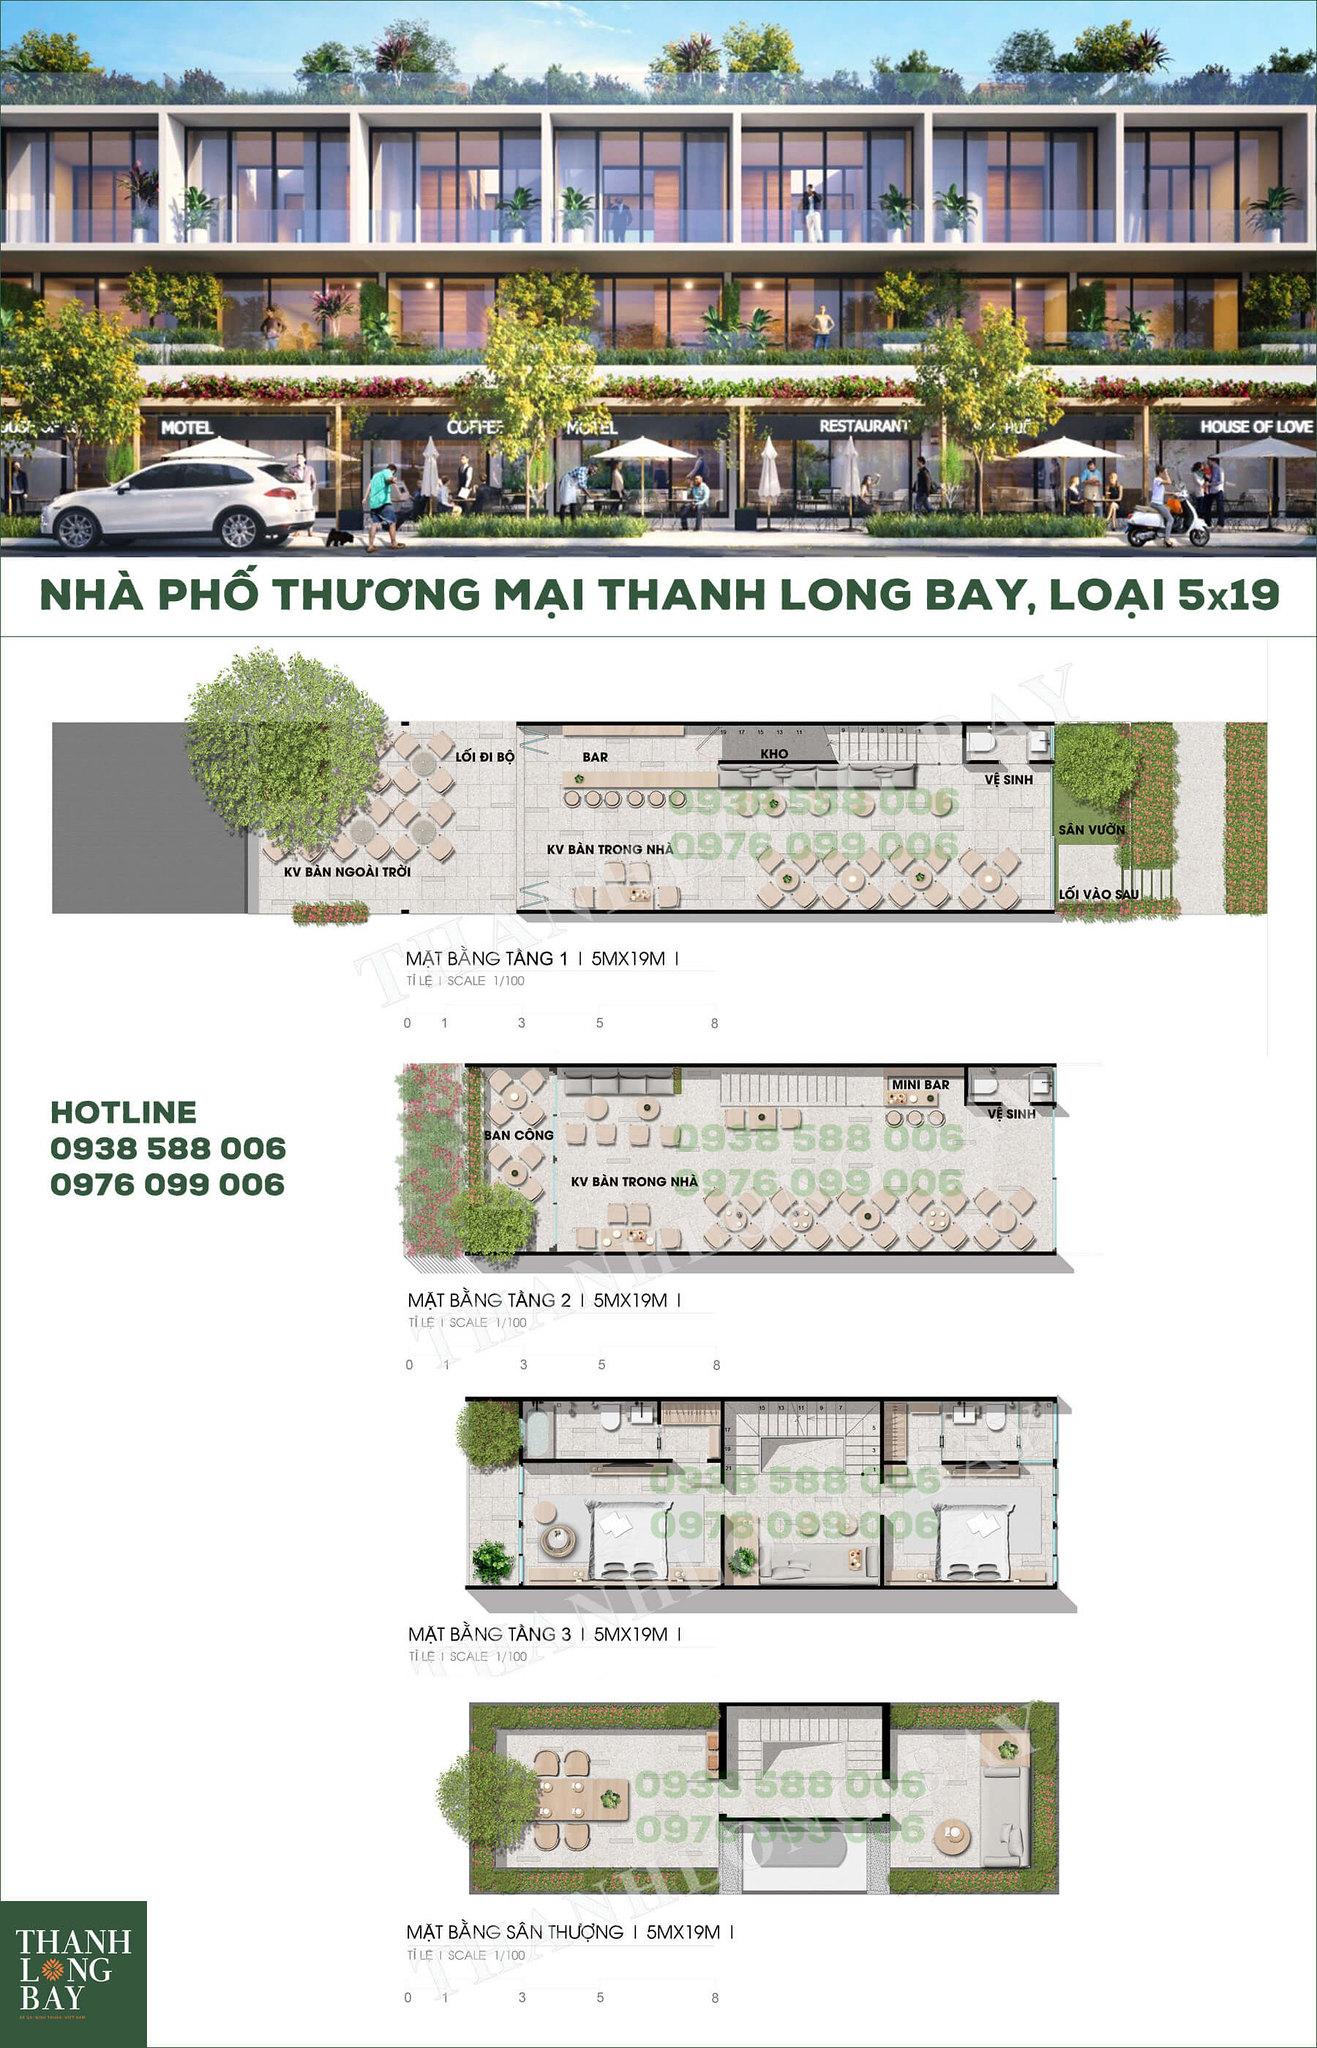 Mặt bằng shophouse, nhà phố thương mại Thanh Long Bay Kê Gà Phan Thiết (loại 5x19).